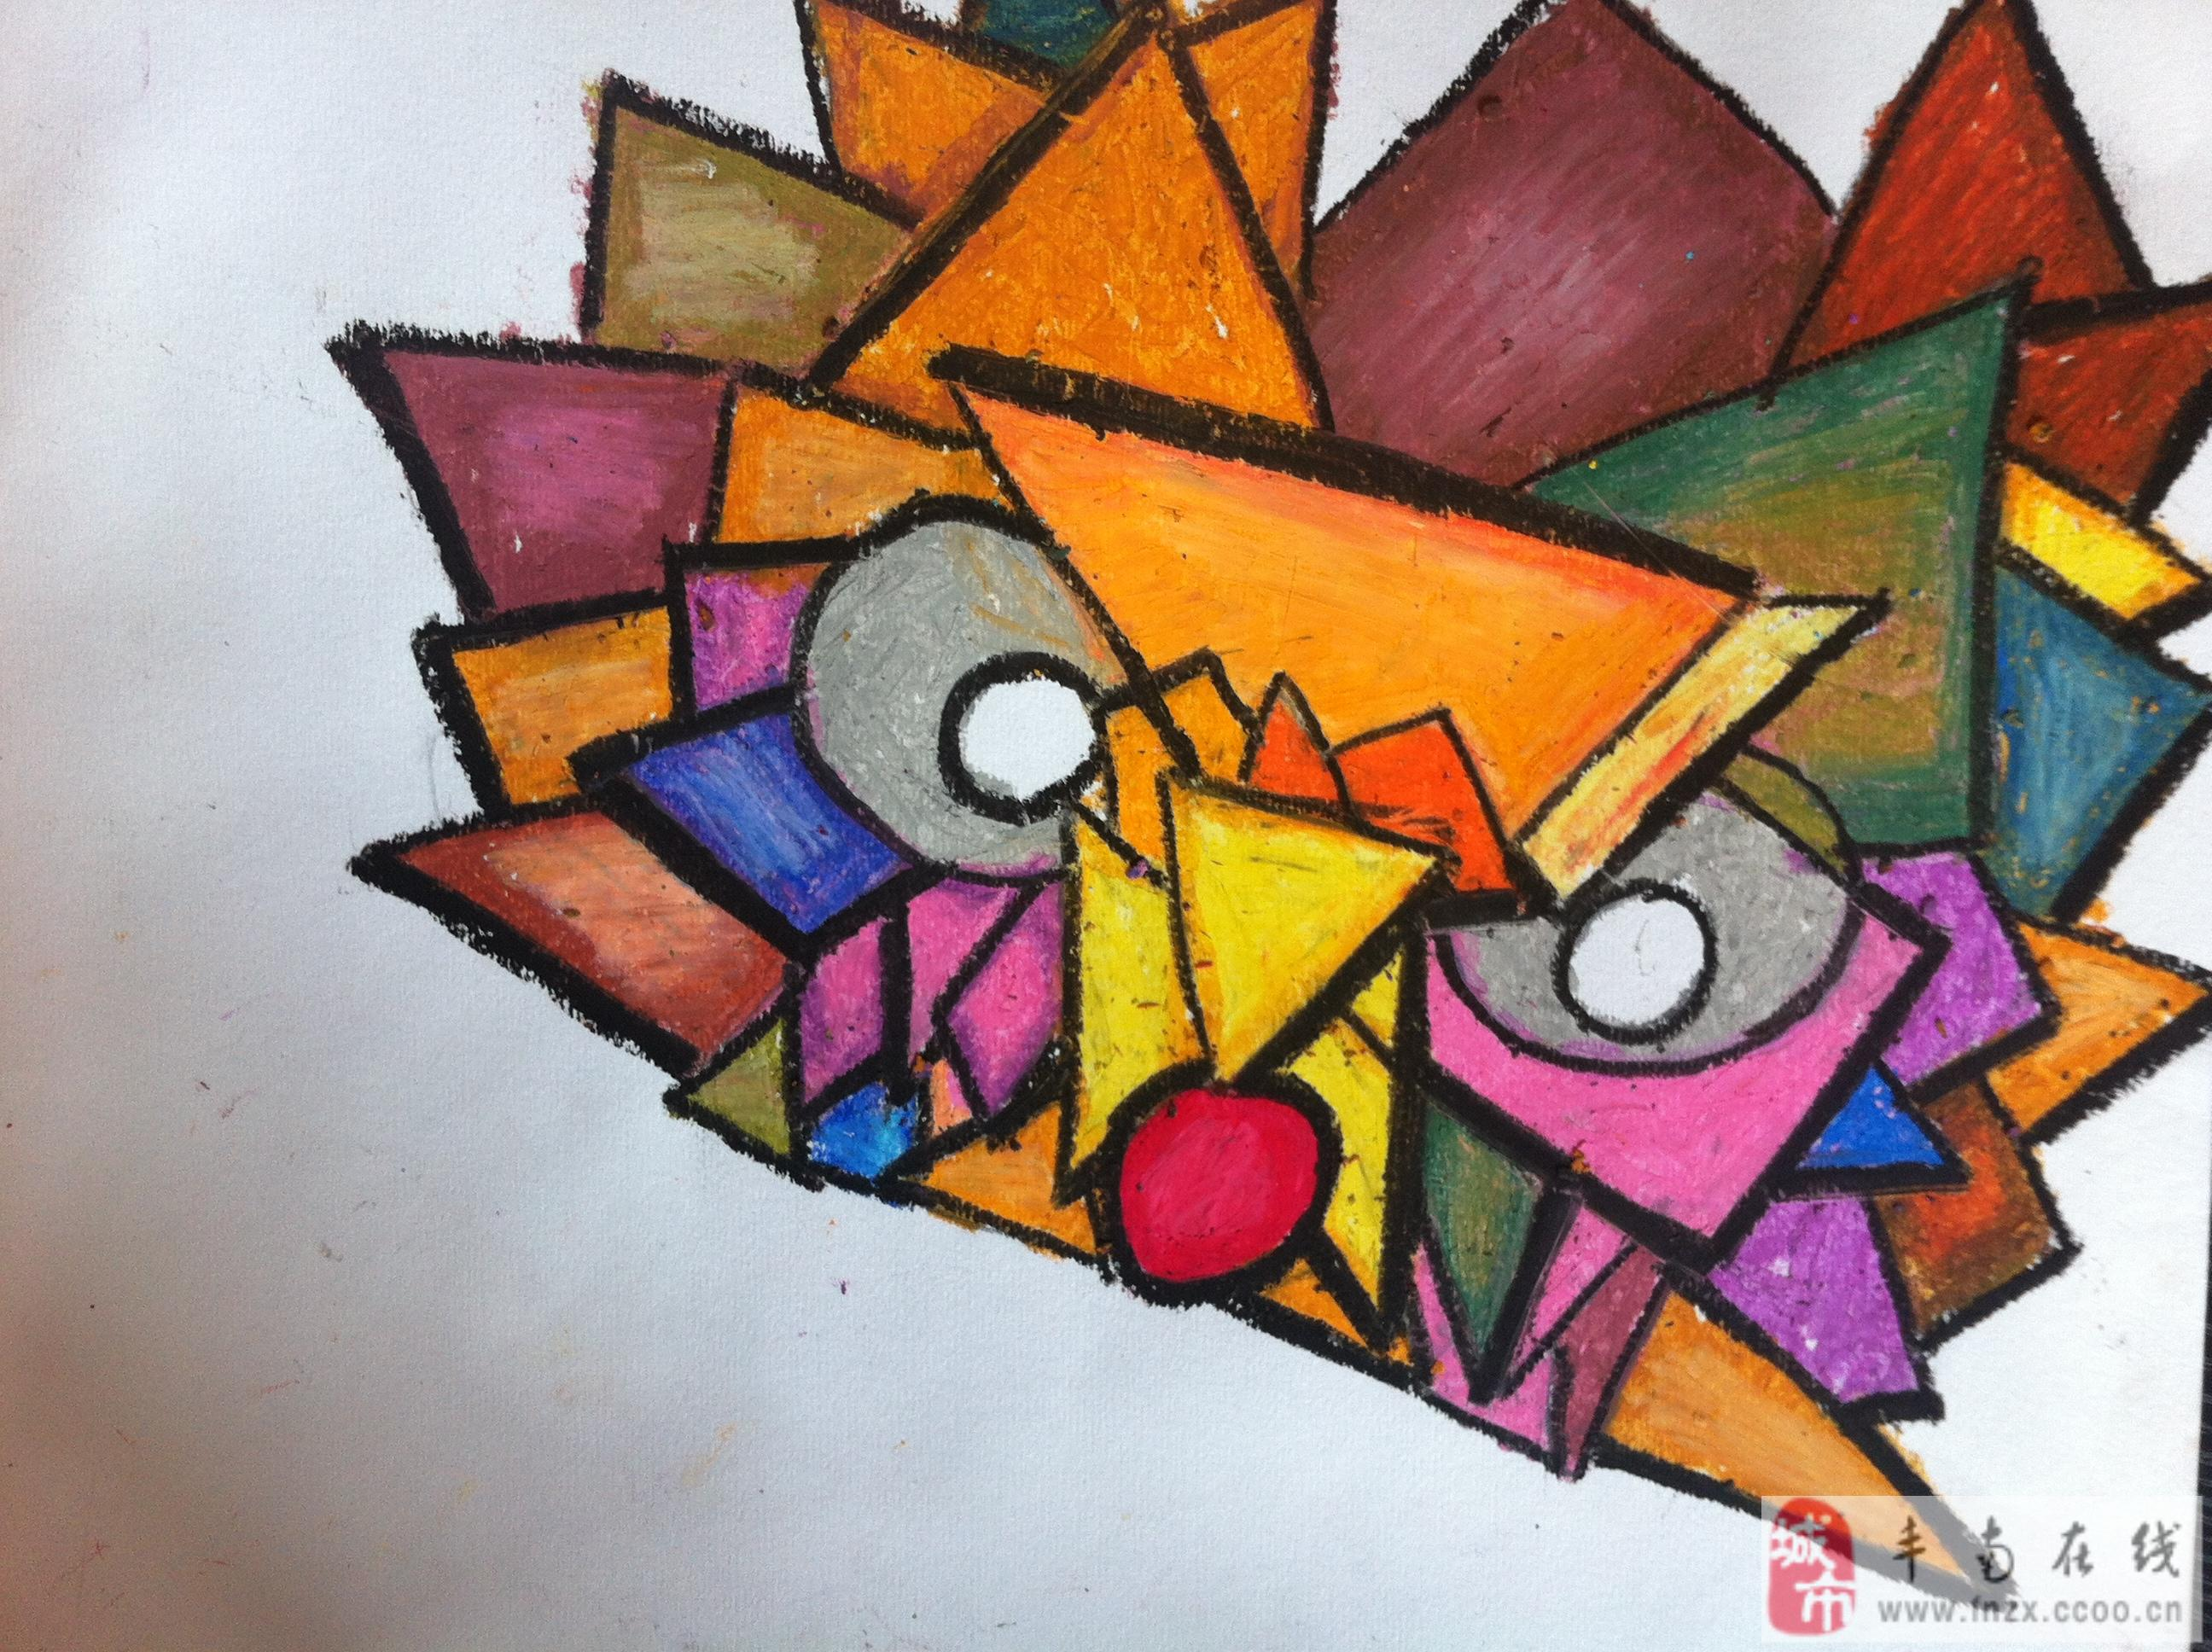 丰南在线; 火锅 标志创意图片分享;